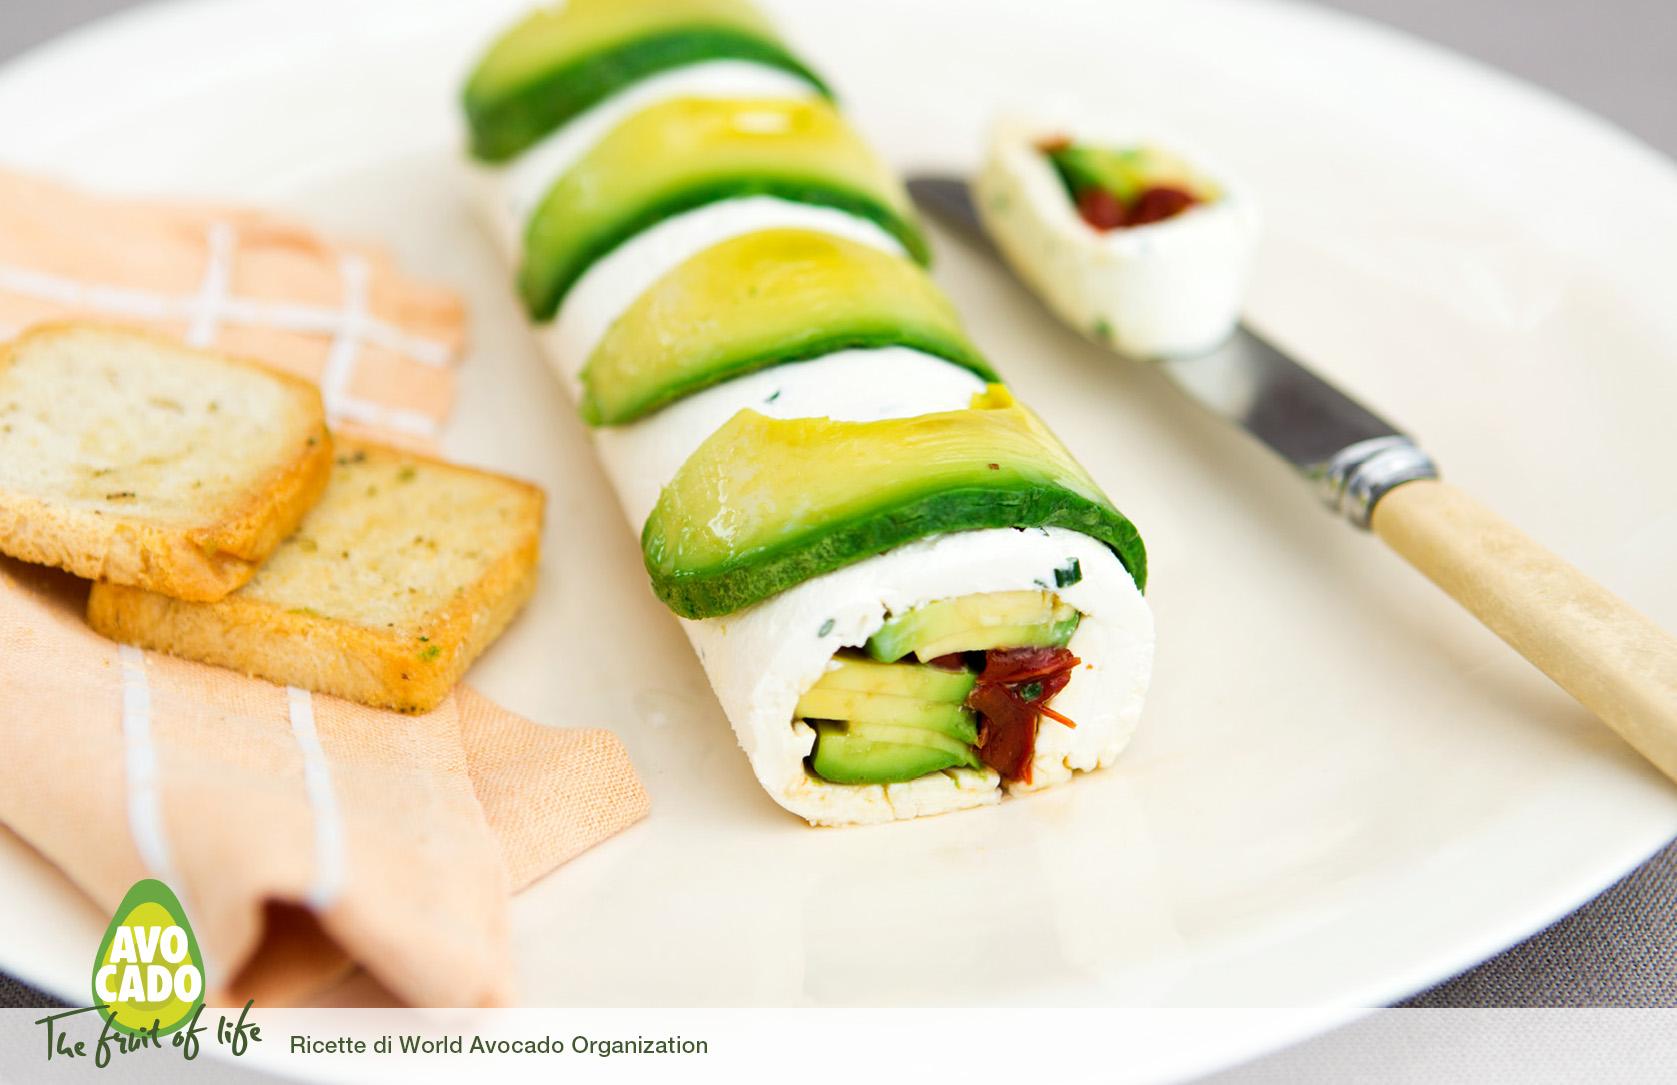 Rotolo di formaggio con avocado